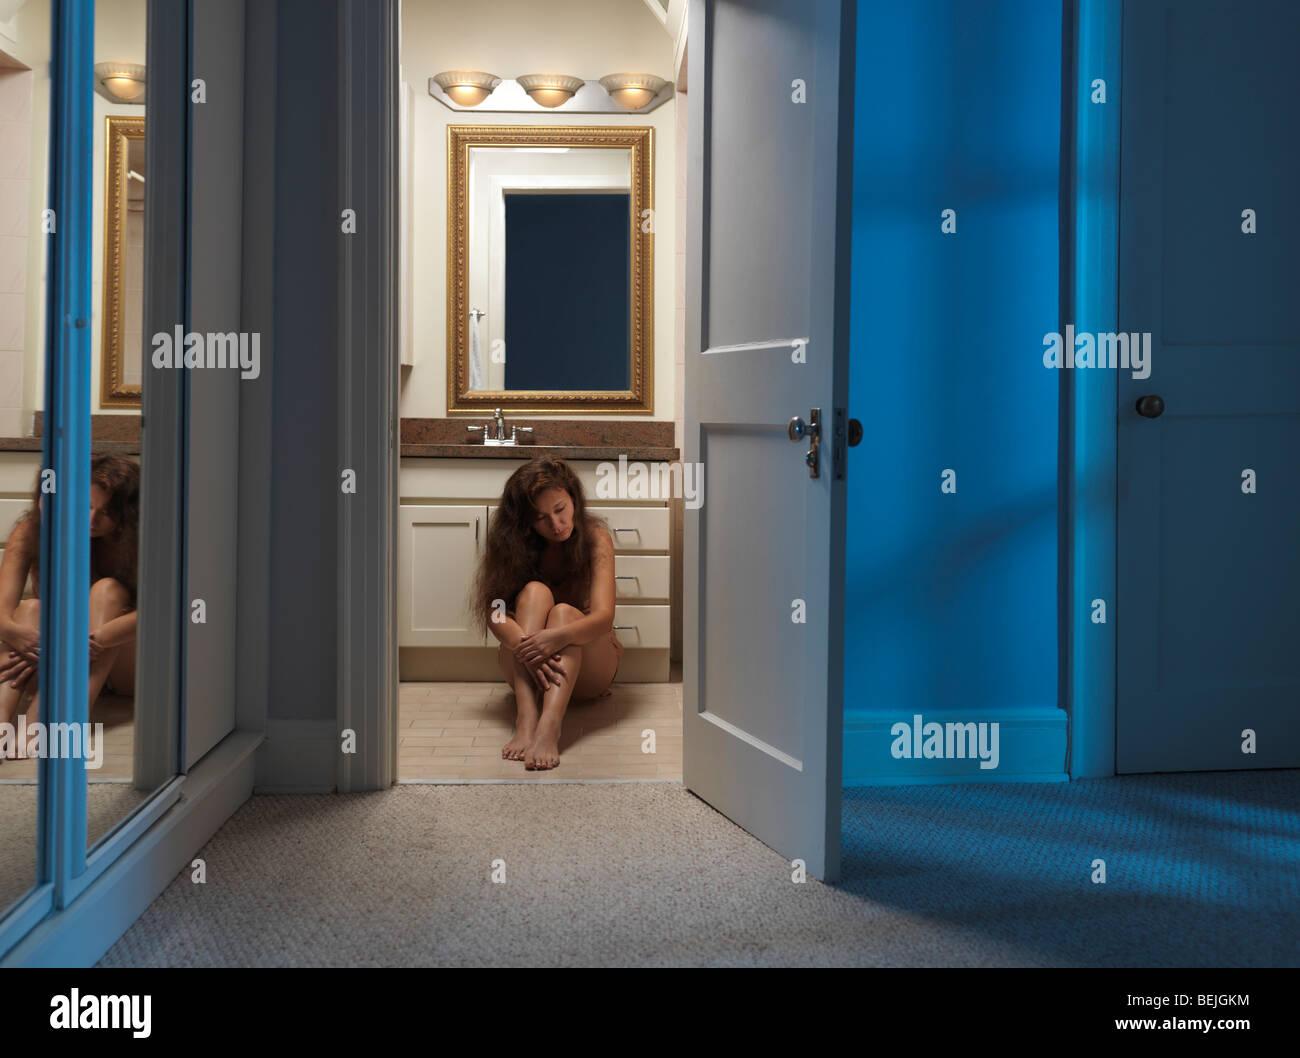 Bathroom Door Ajar Stock Photos & Bathroom Door Ajar Stock Images ...